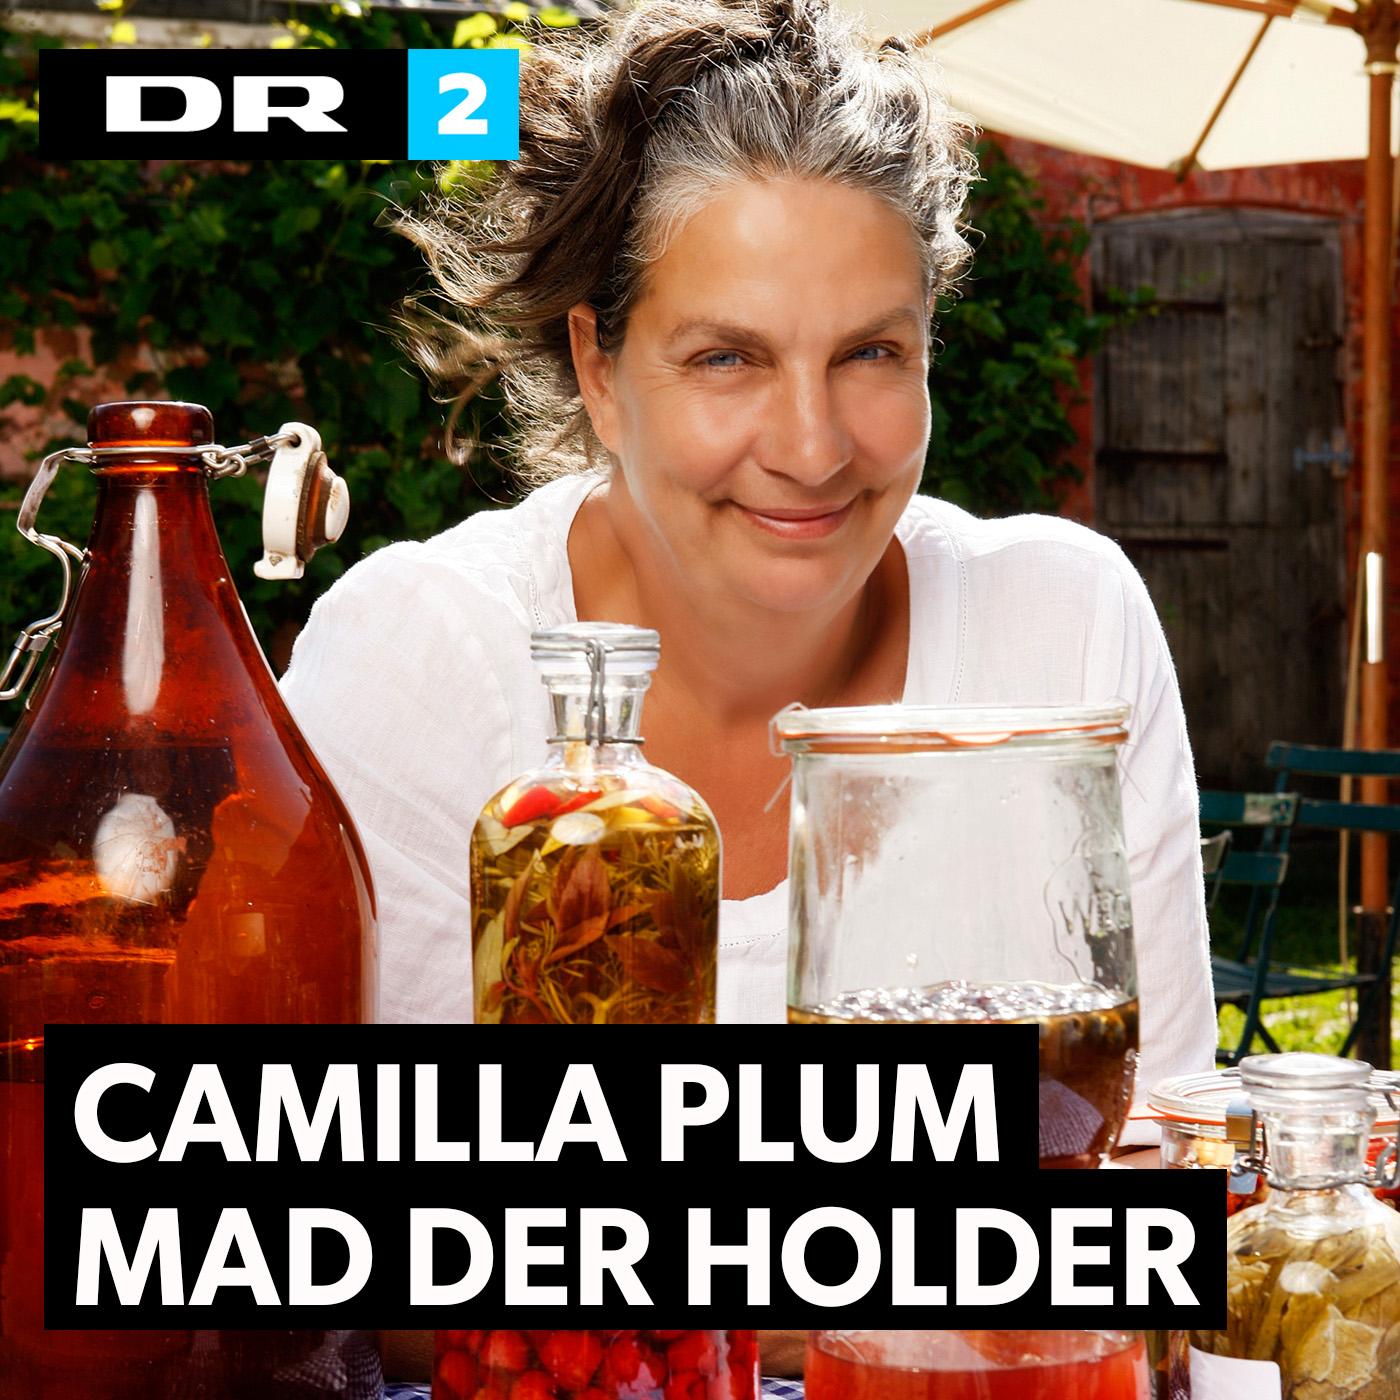 Camilla Plum - Mad der holder